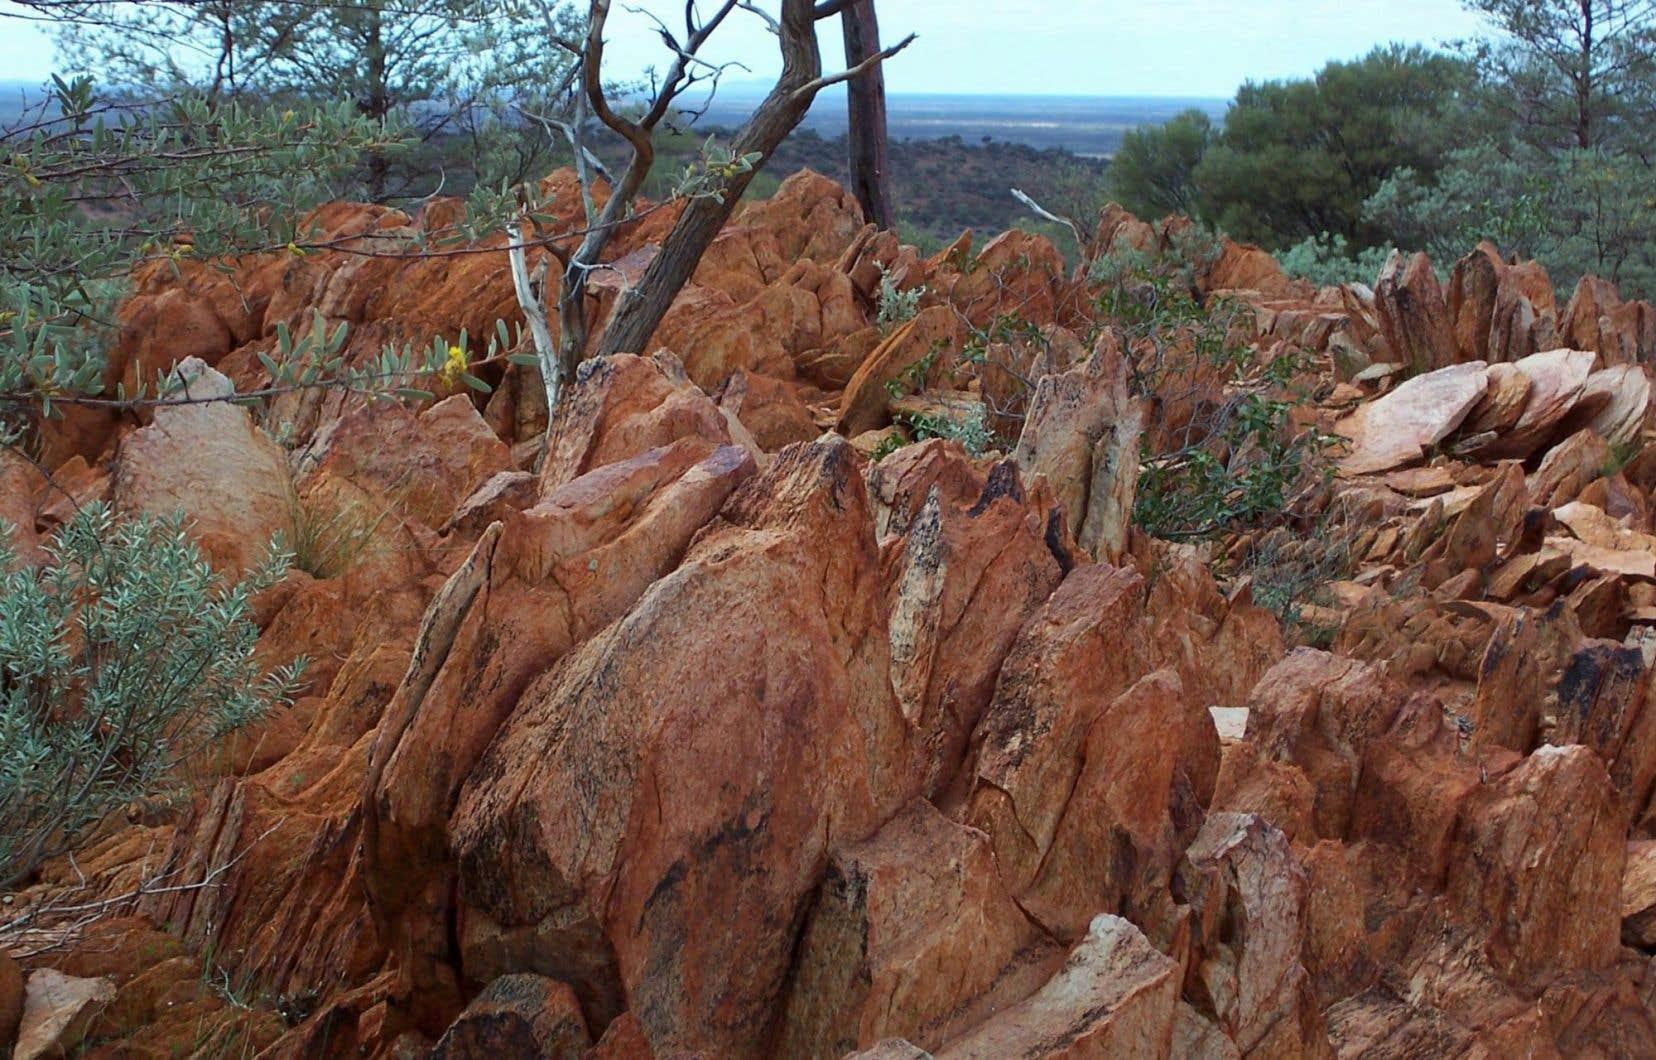 Le niveau d'oxygène aurait commencé à augmenter pendant une période se situant entre 2,3 et 2,1 milliards d'années, dont la preuve se retrouve dans les roches de l'époque.